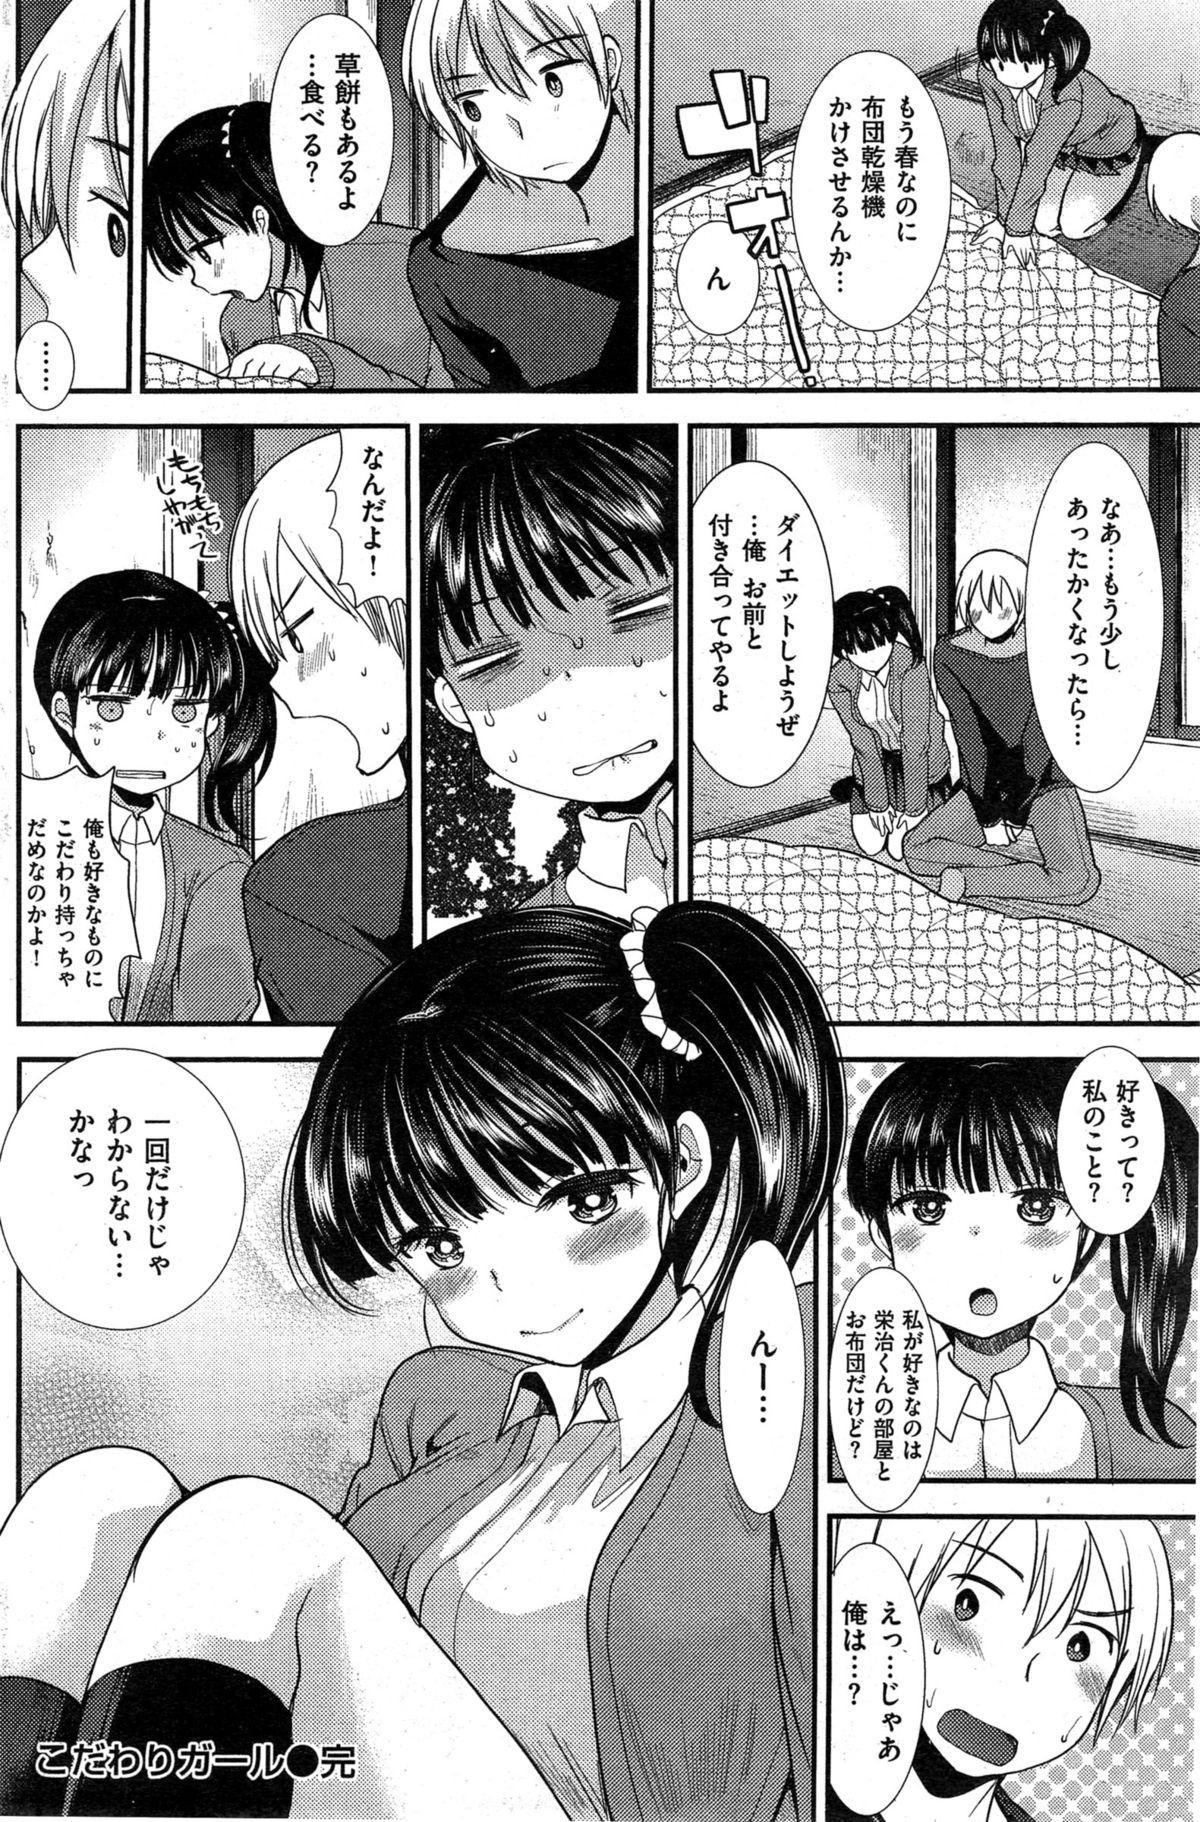 COMIC Kairakuten BEAST 2015-05 198